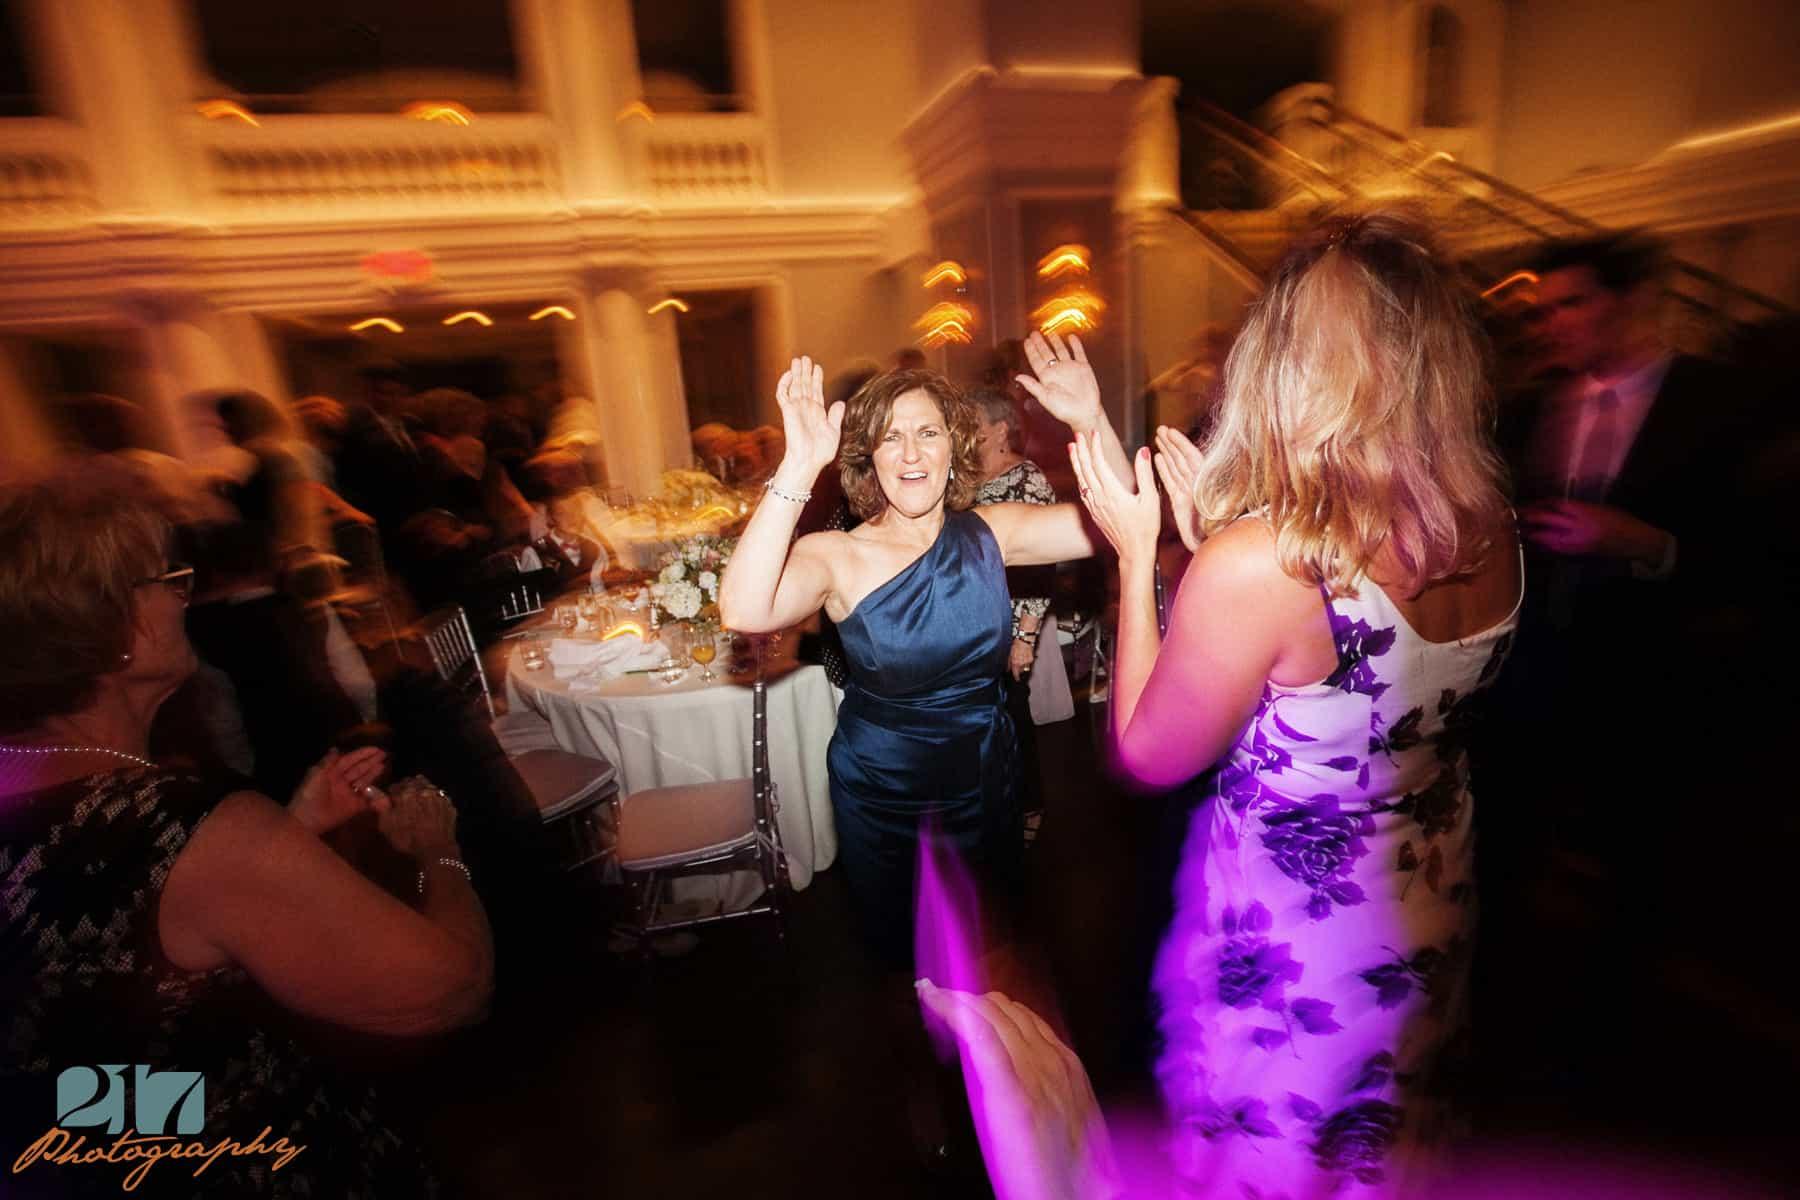 Dancing at Arts Ballroom reception